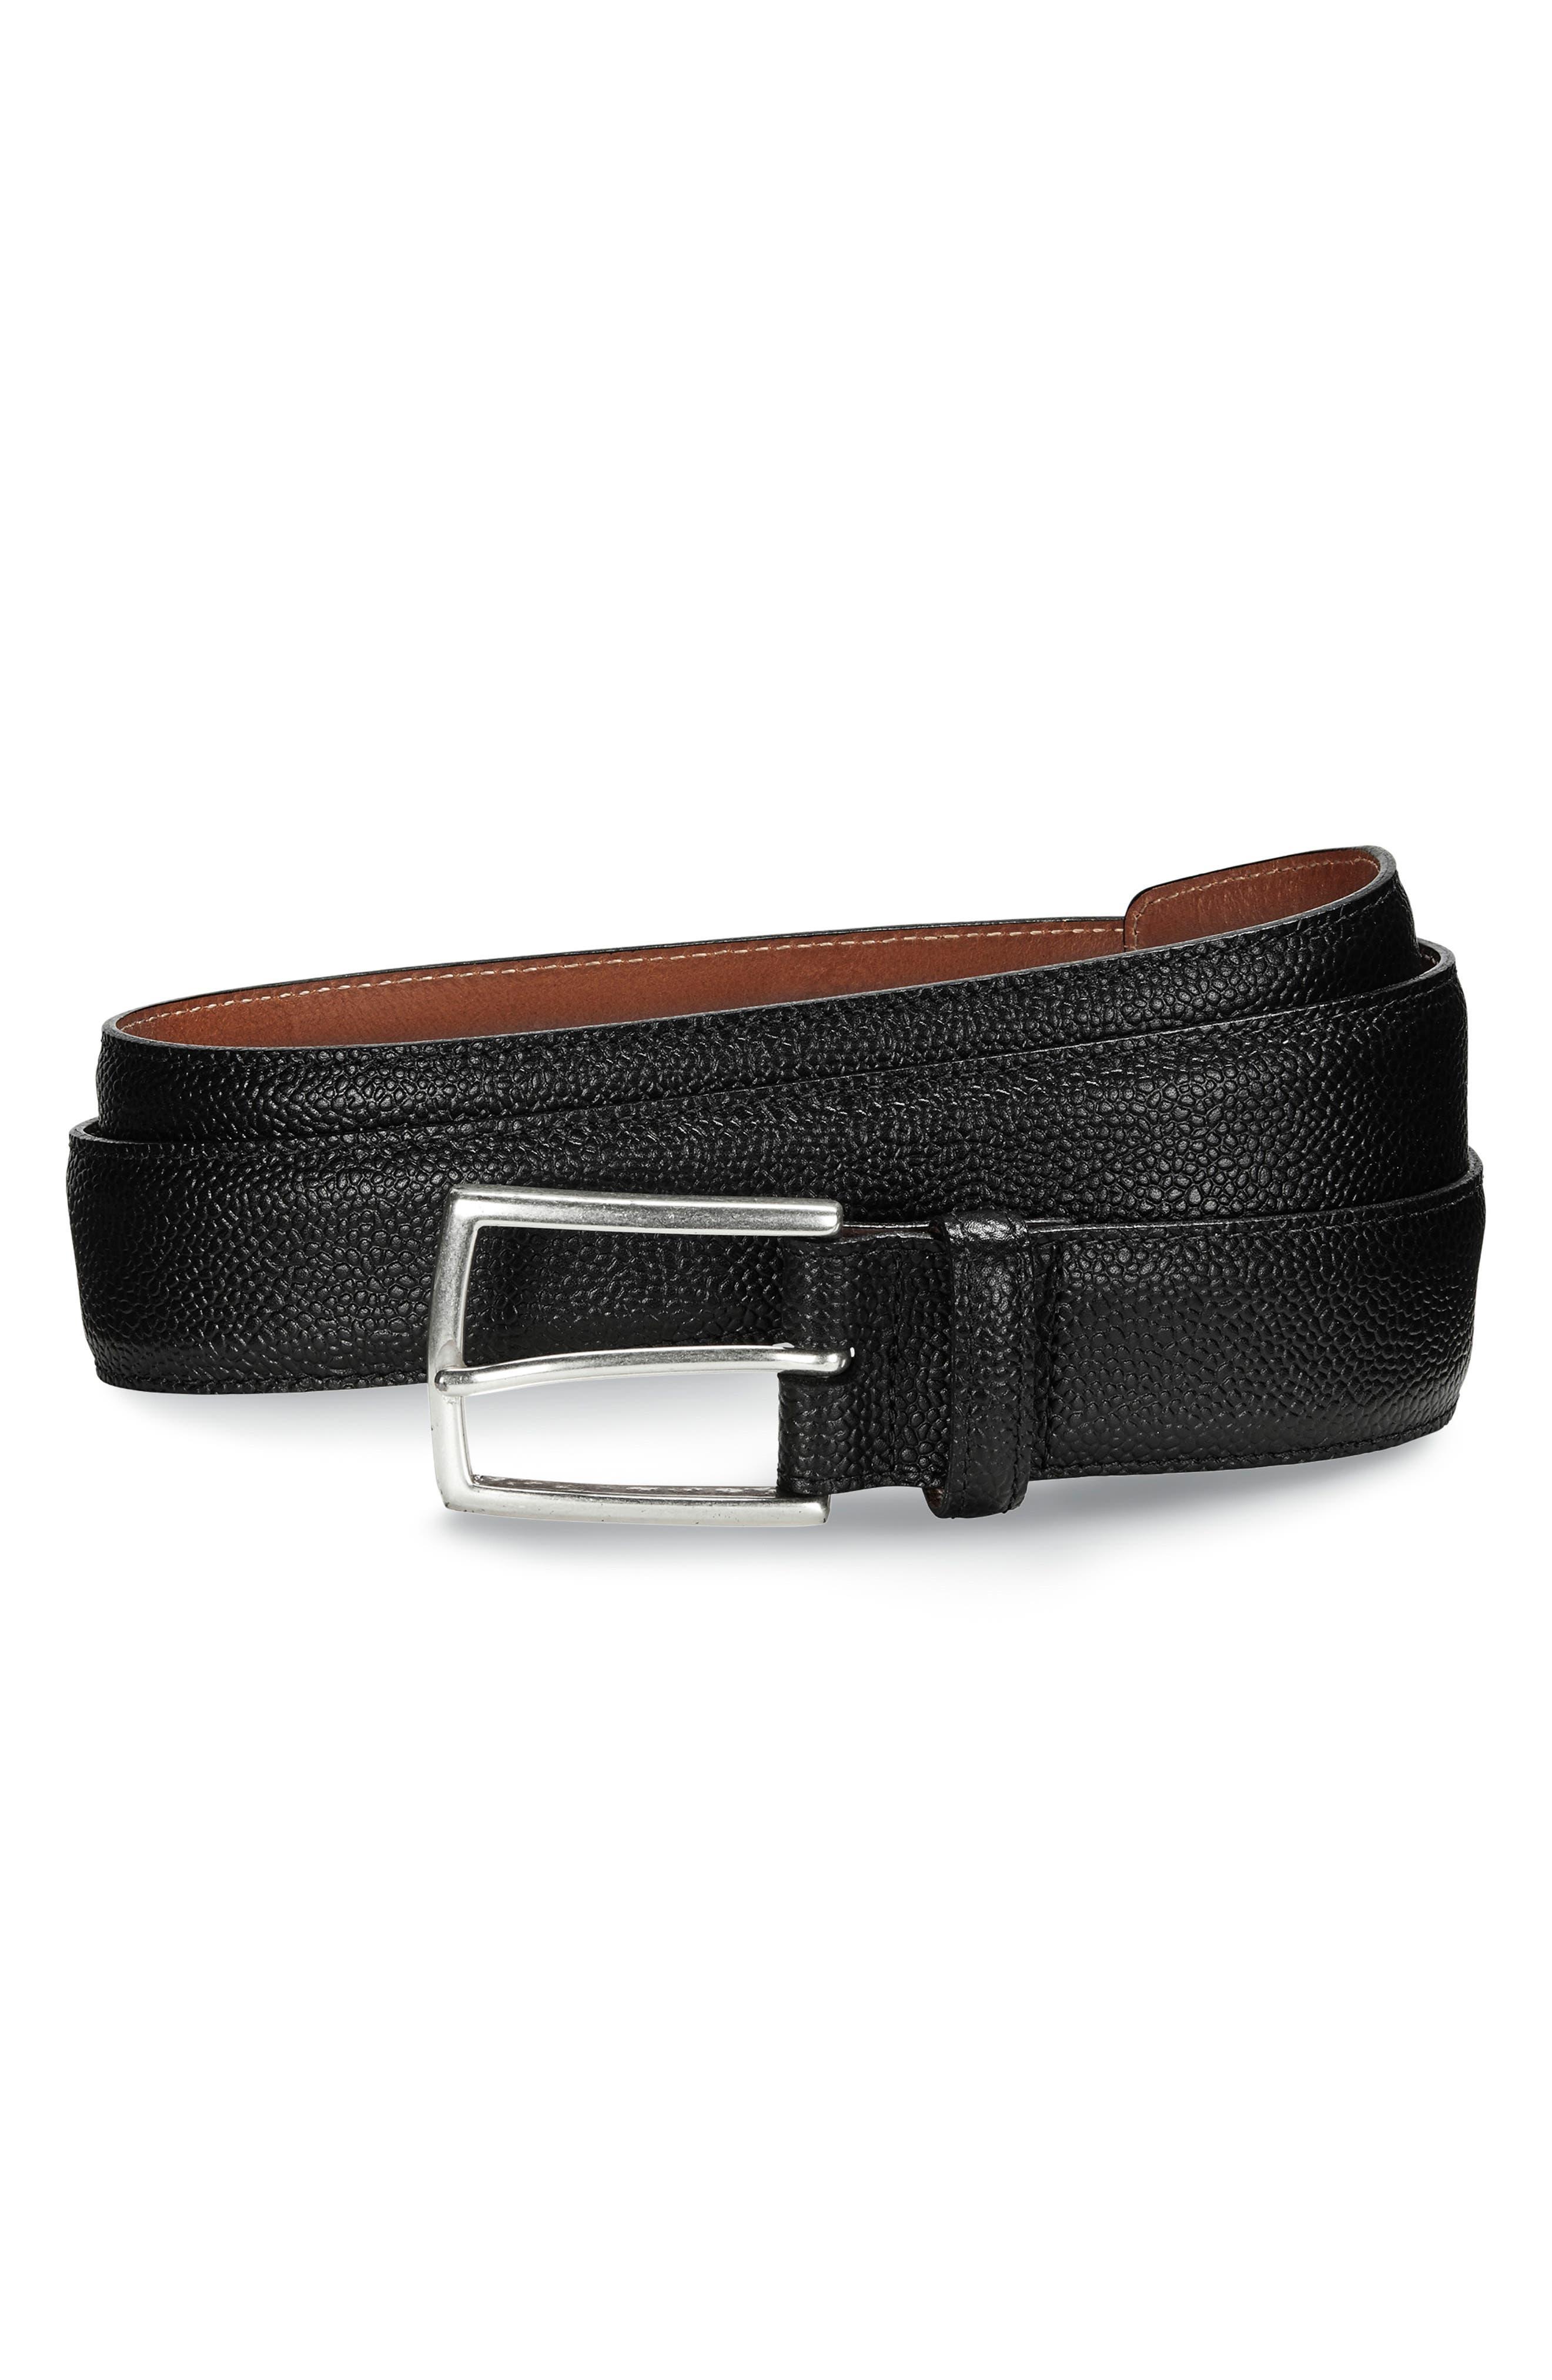 ALLEN EDMONDS, Allen Edmoinds Hara Avenue Leather Belt, Main thumbnail 1, color, BLACK